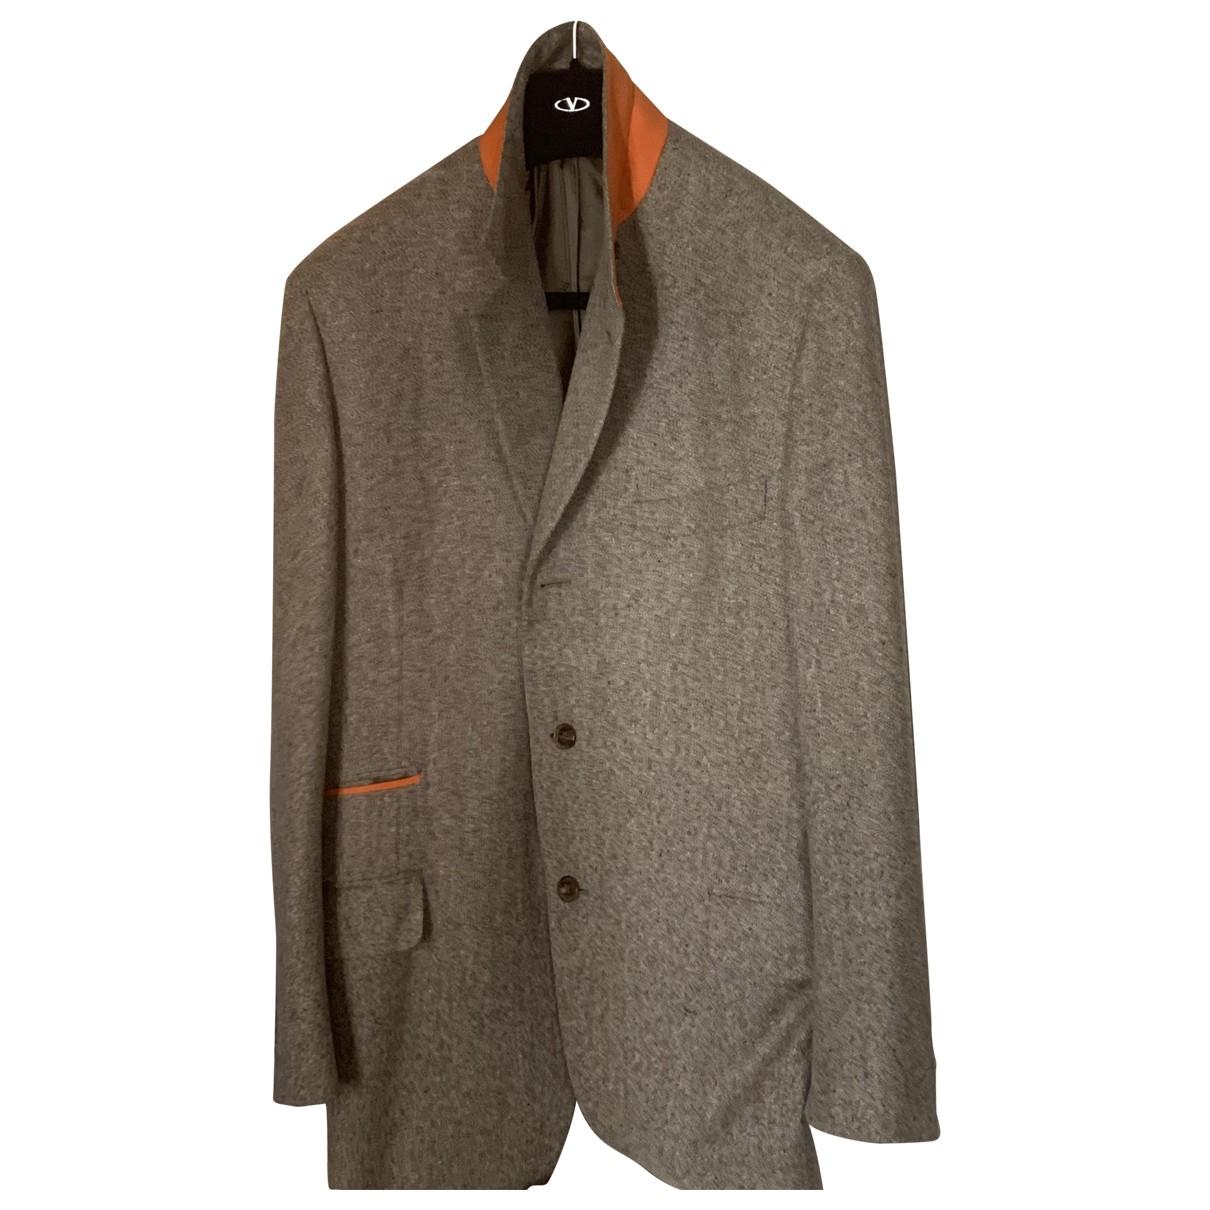 Hermes - Vestes.Blousons   pour homme en laine - beige